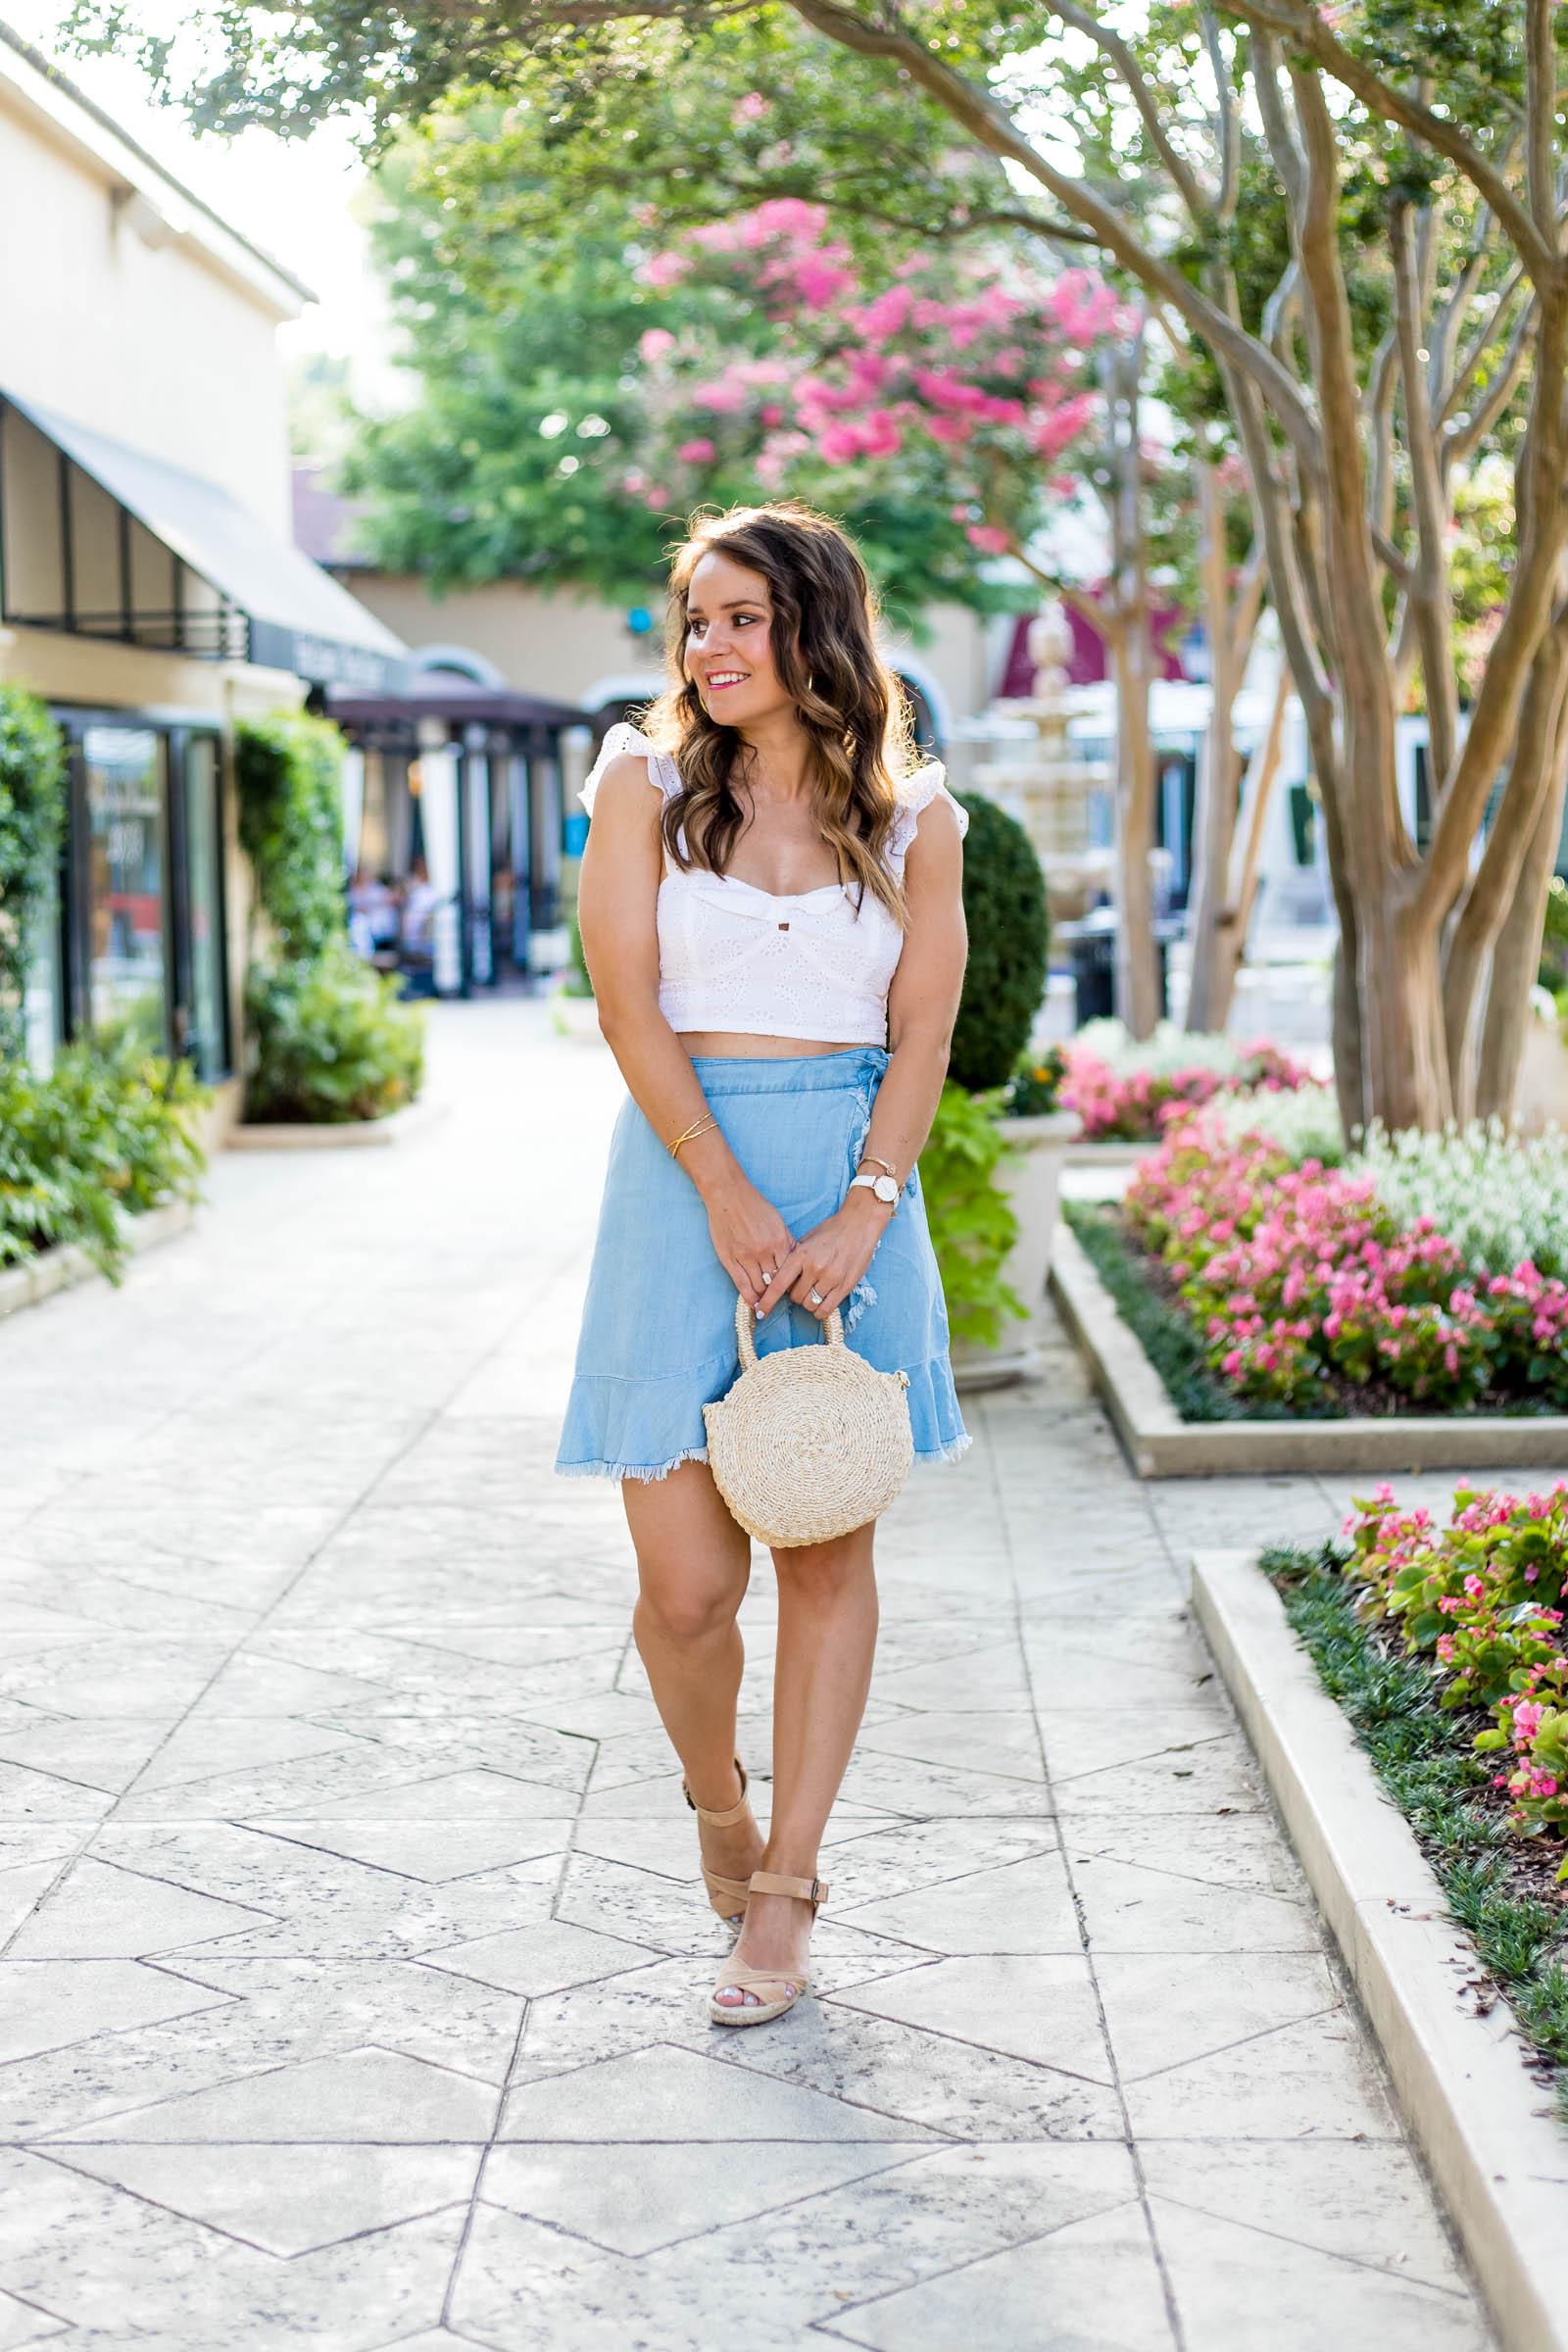 BB Dakota corinne top, summer outfit